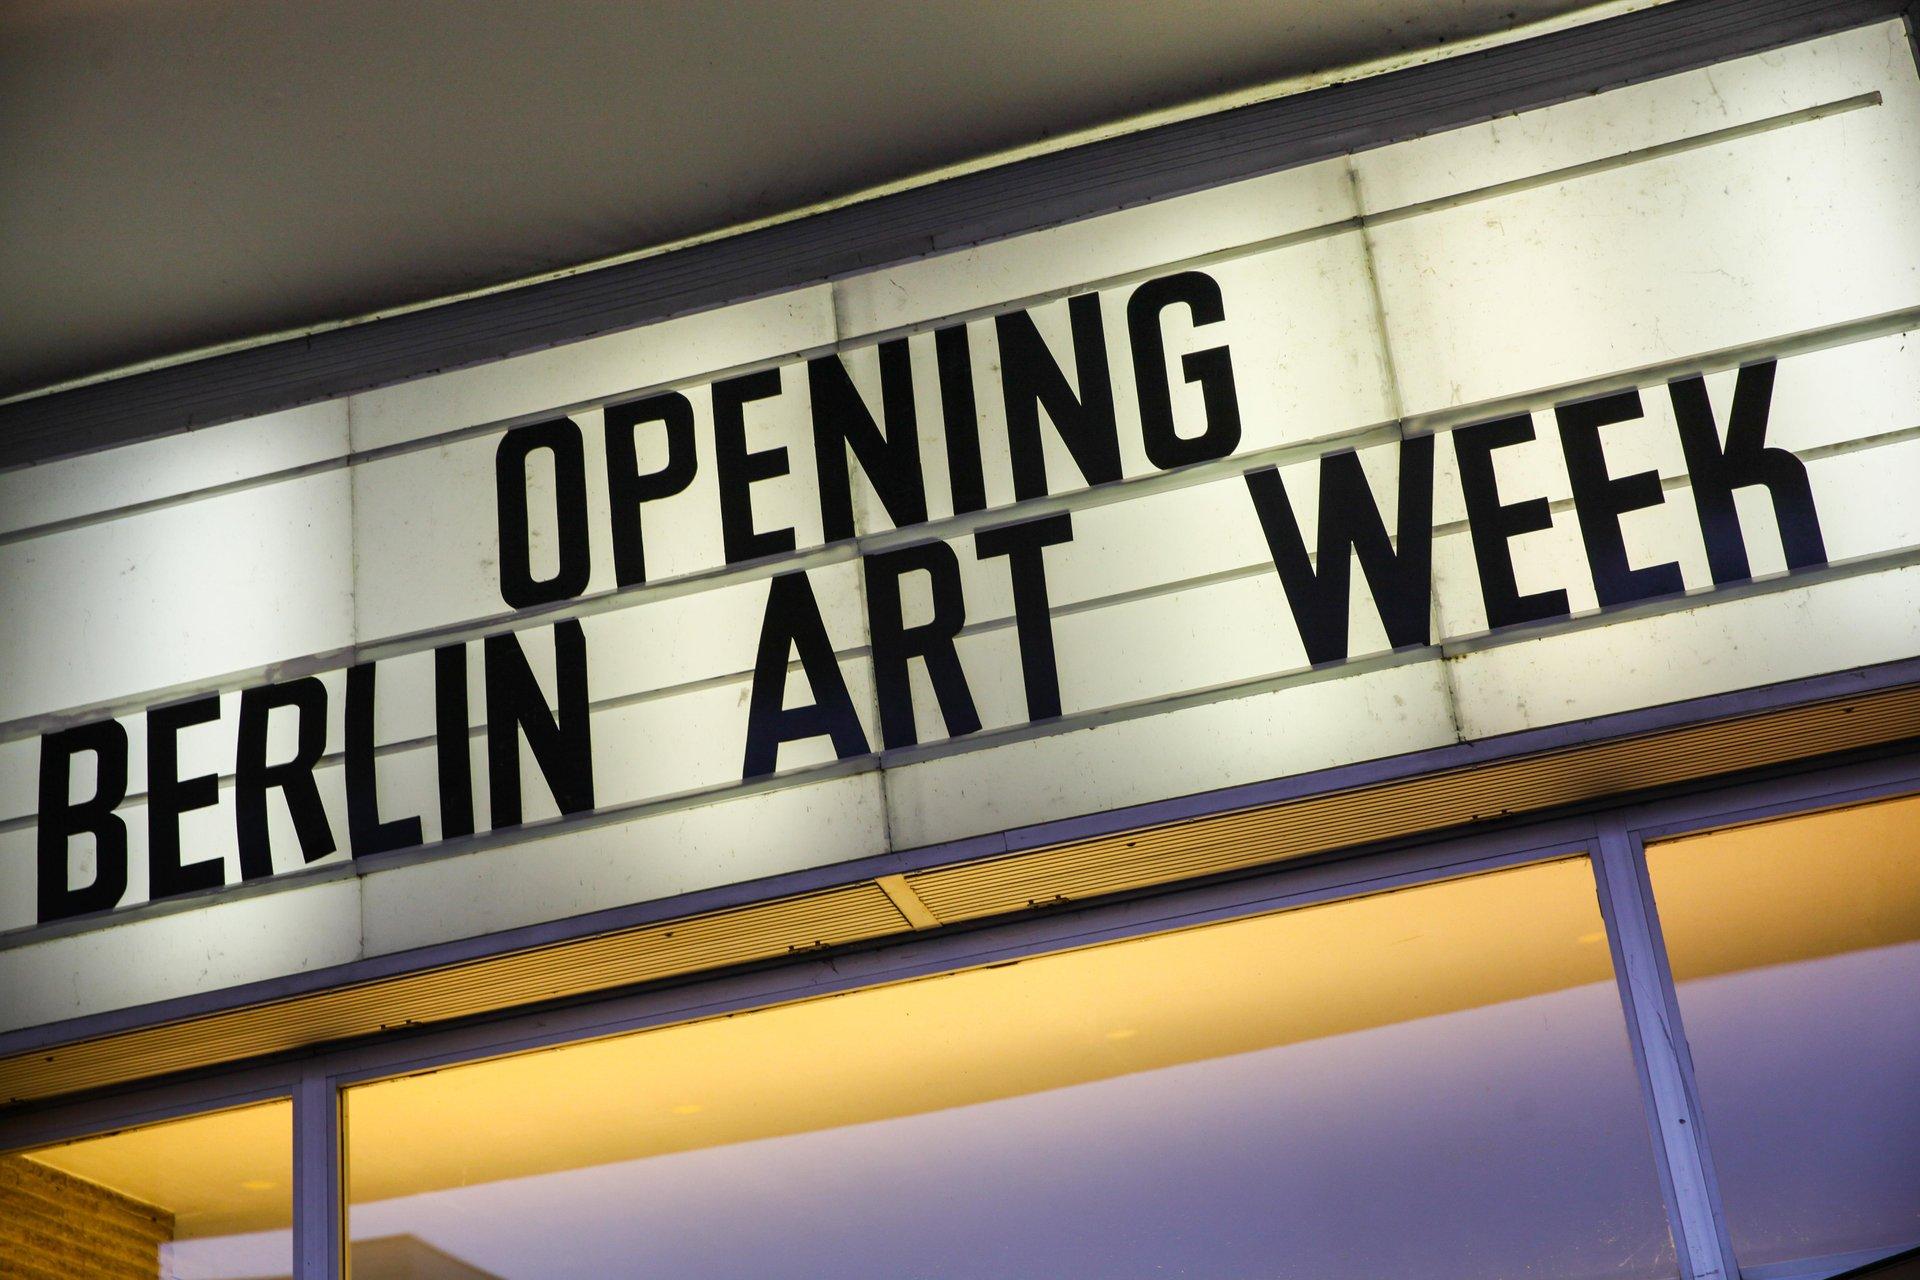 Berlin Art Week in Berlin - Best Season 2019